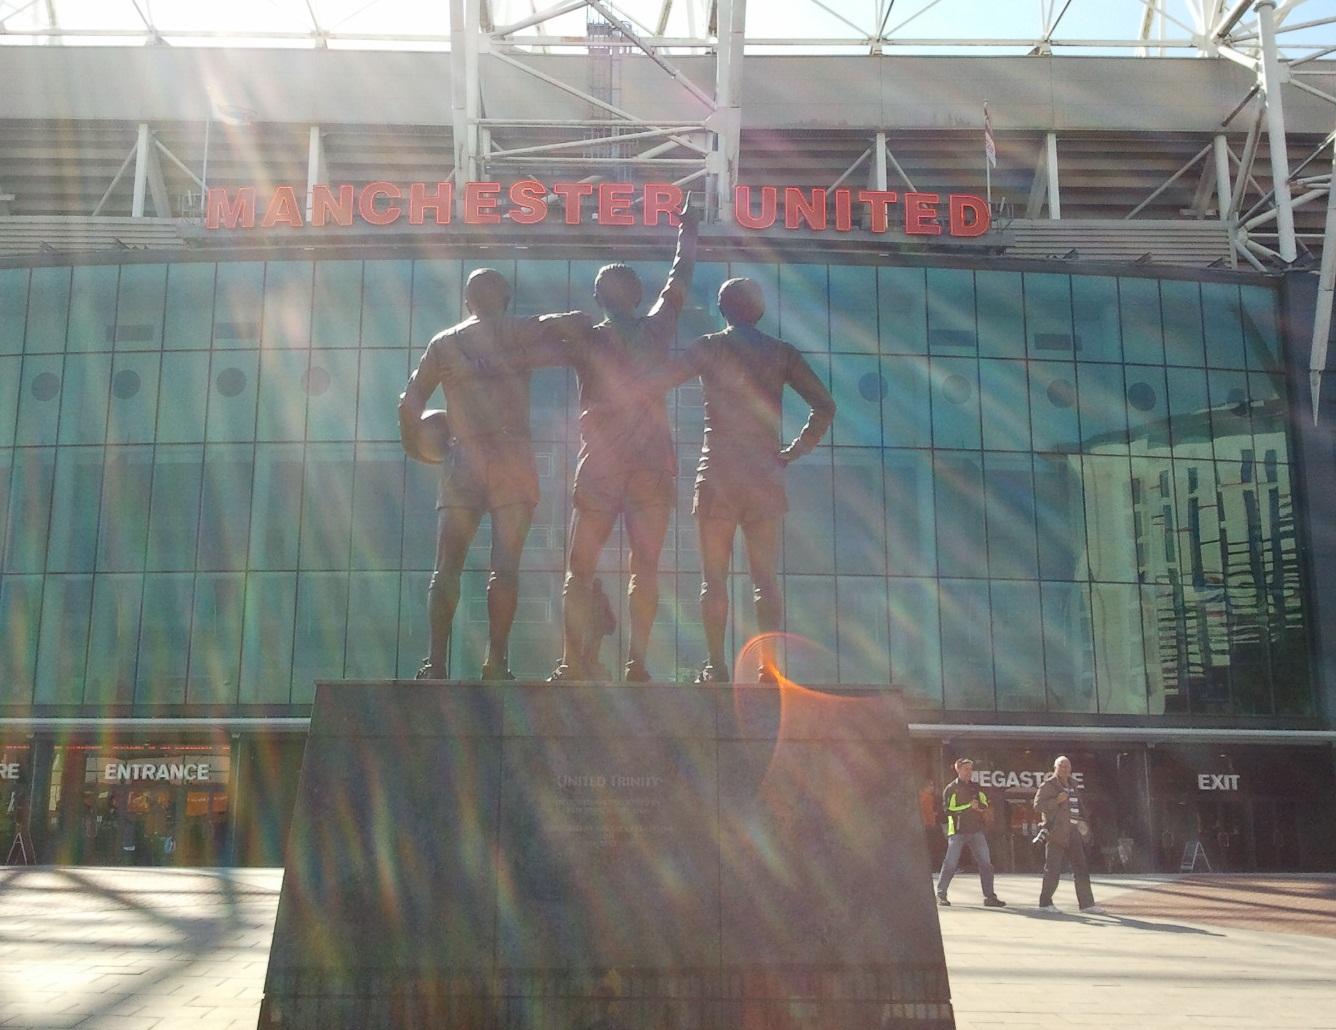 Old Trafford football stadium.